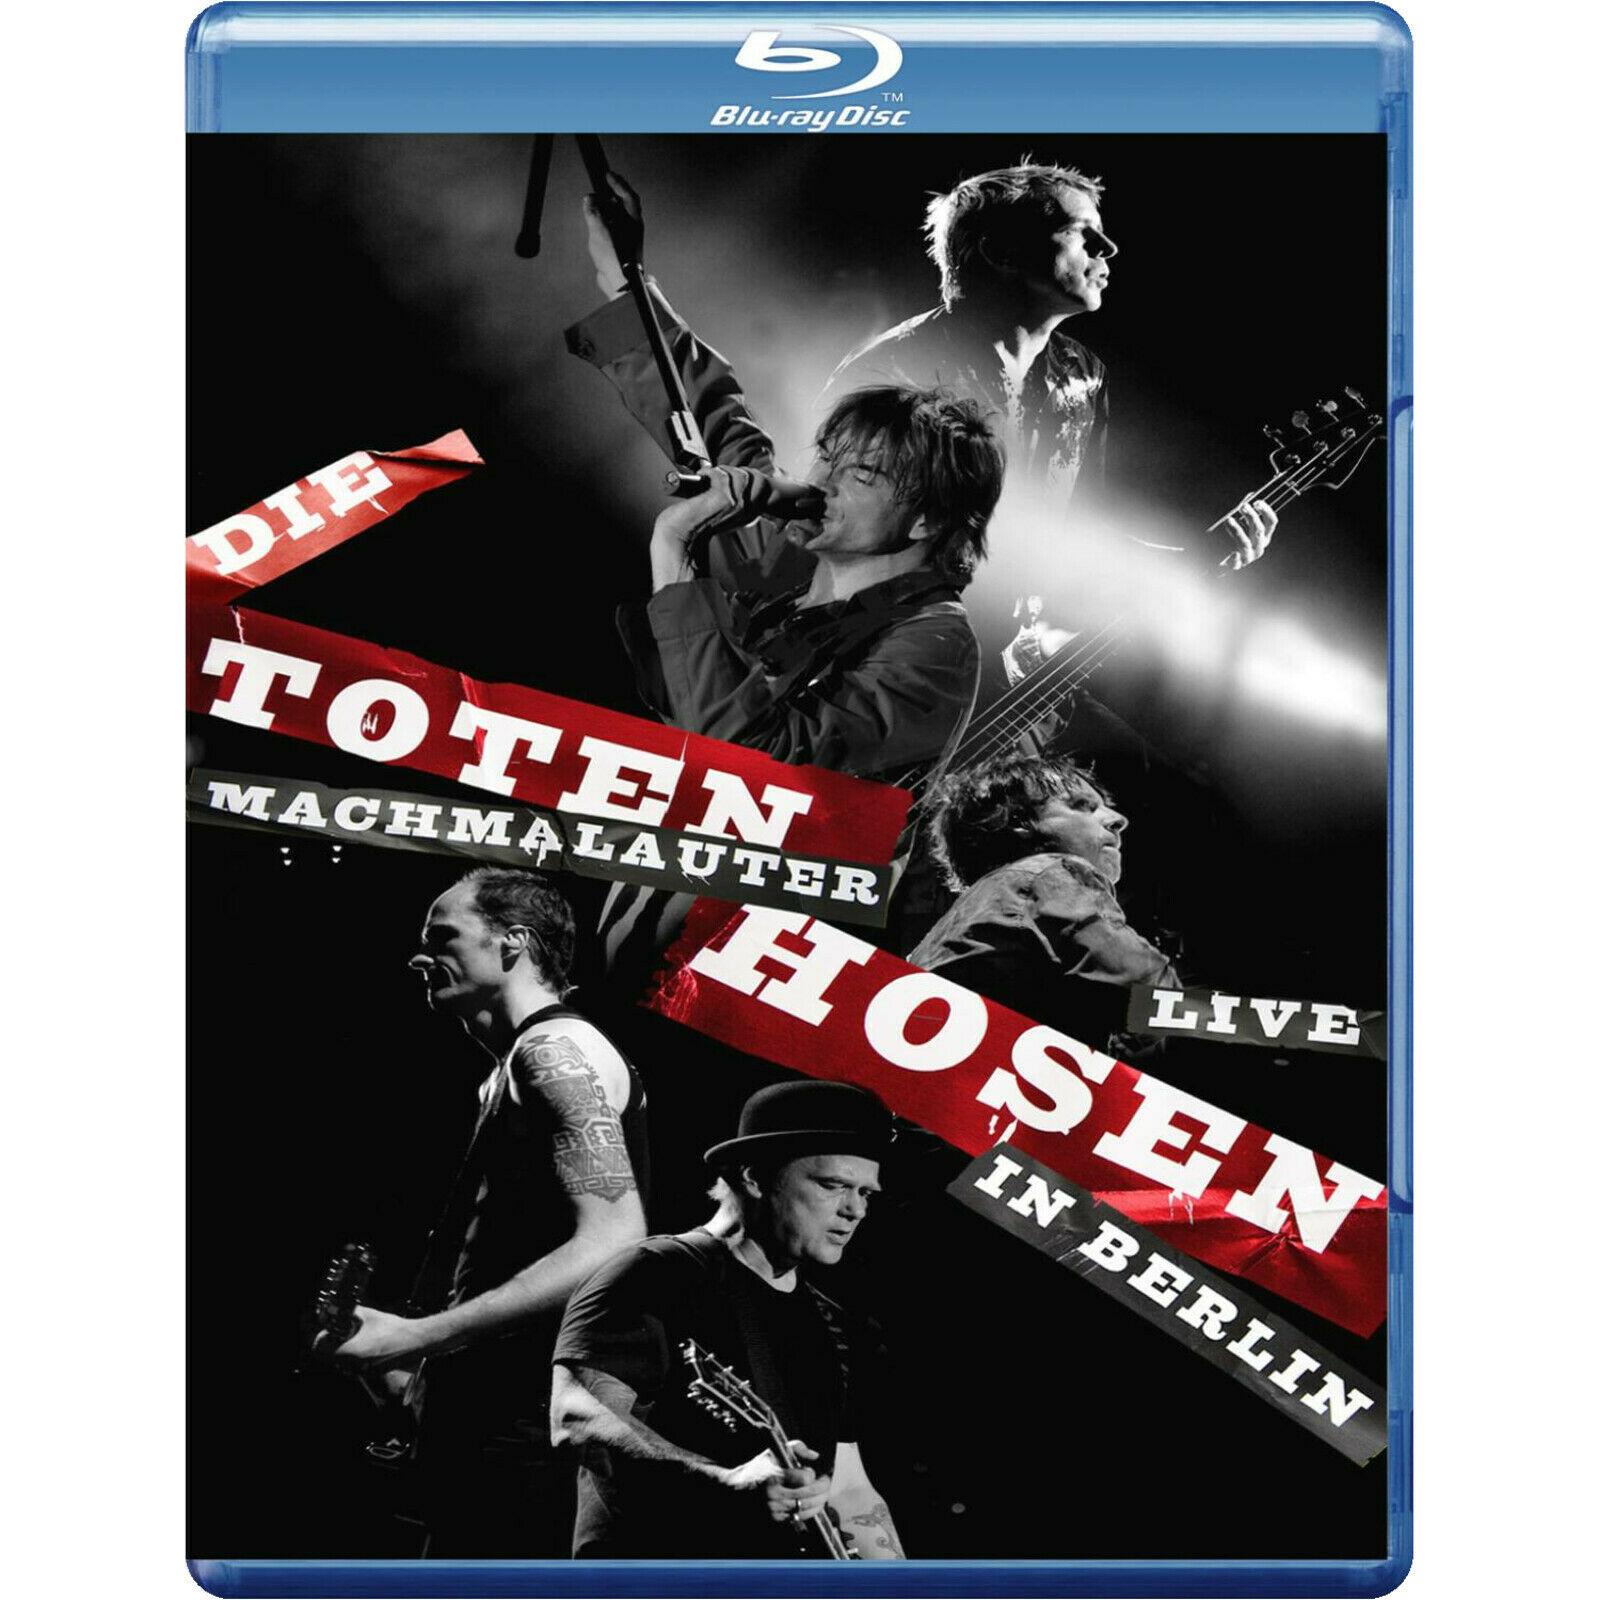 Die Toten Hosen - Machmalauter Live in Berlin (Blu-ray) für 5,19€ (Amazon Prime & Saturn & Media Markt Abholung)